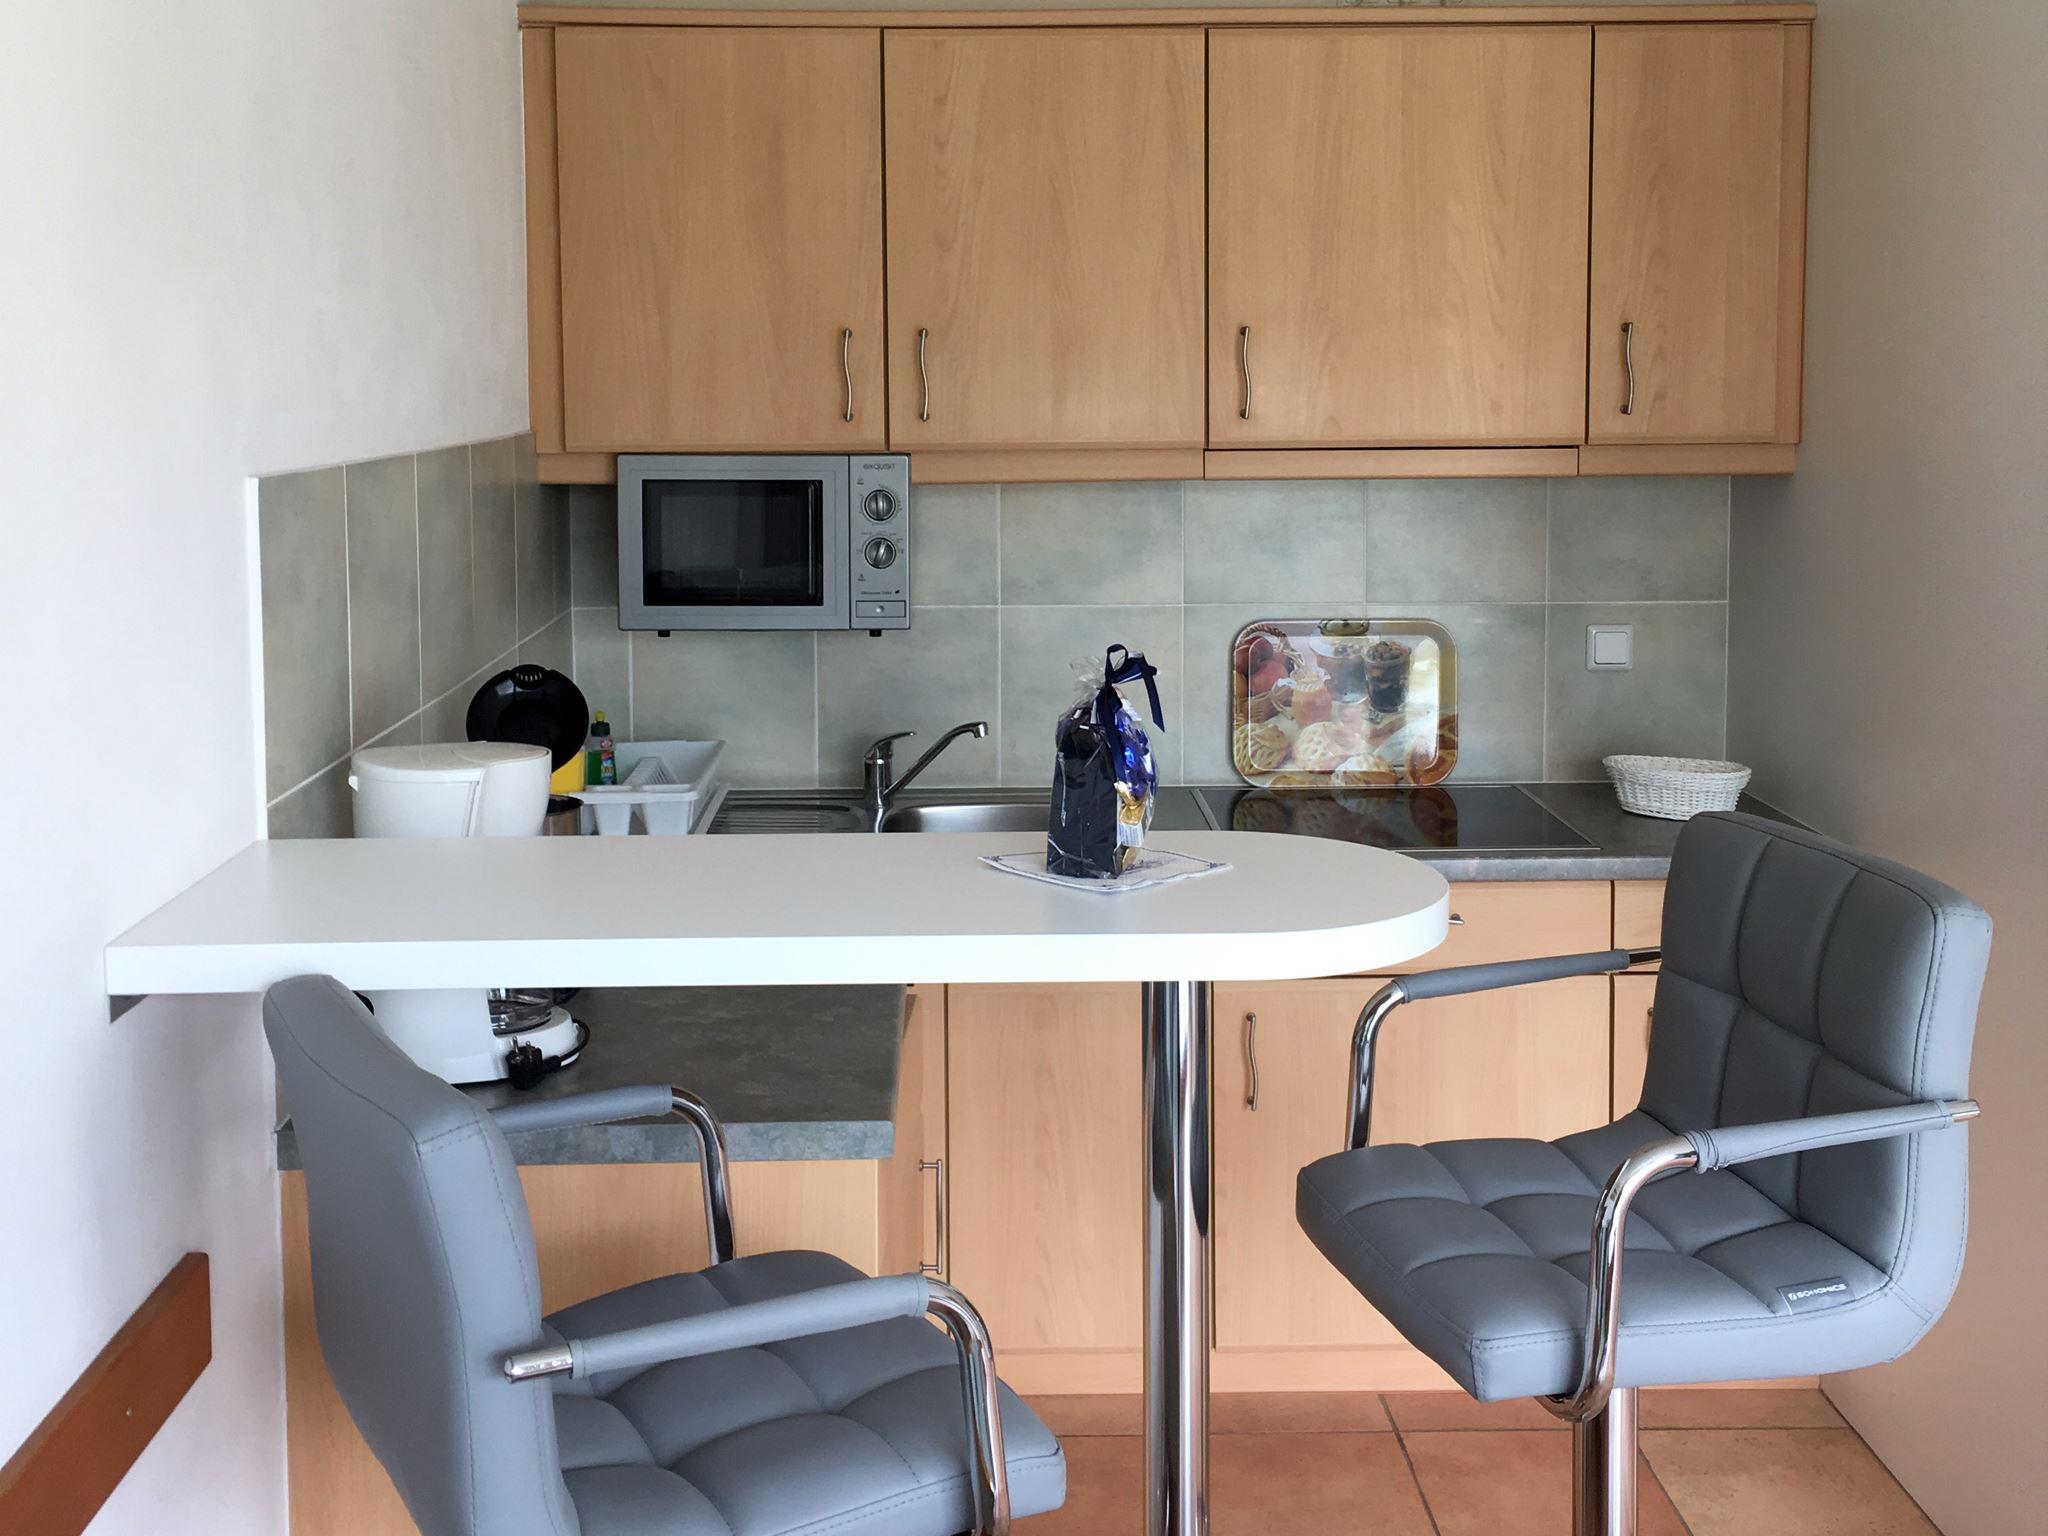 Freundliches 1-2 Personen Appartement mit Blick auf eine Obstwiese im 1. Obergeschoss mit Balkon, Strandnah gelegen, Nr. 11